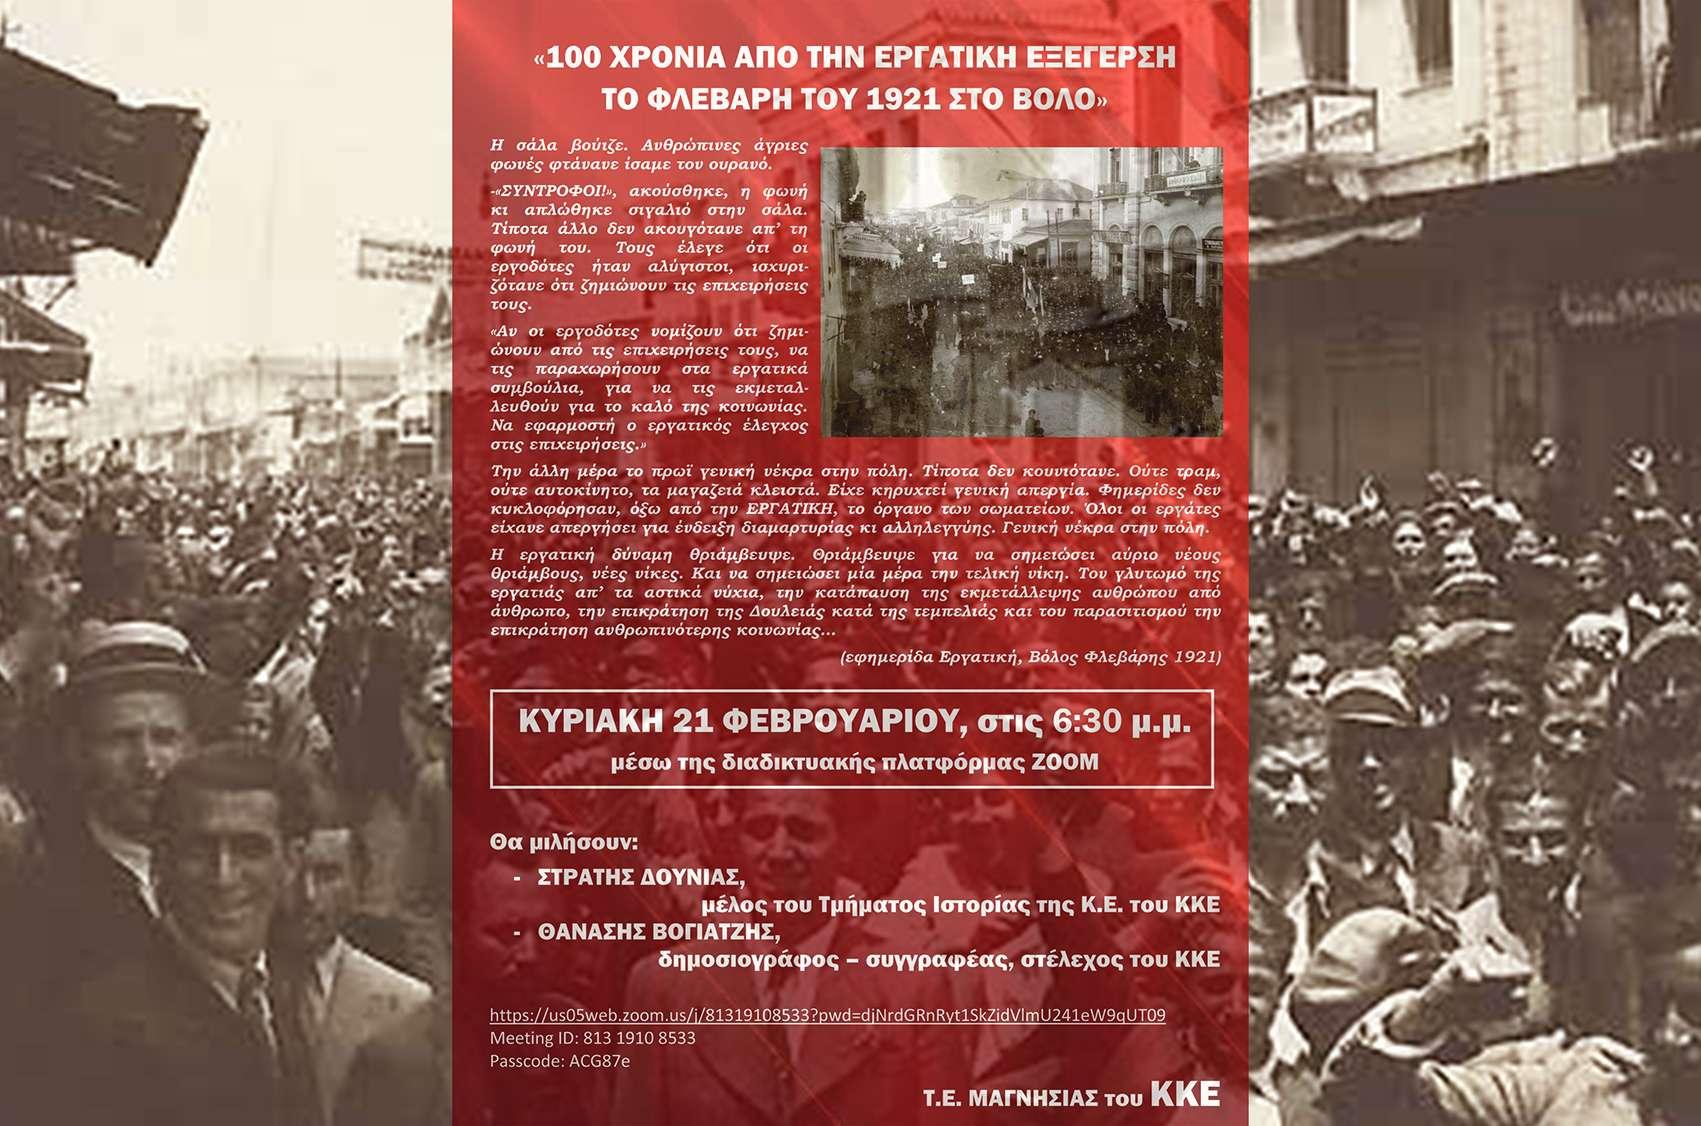 ΚΚΕ εργατική εξέγερση στον Βόλο 1921